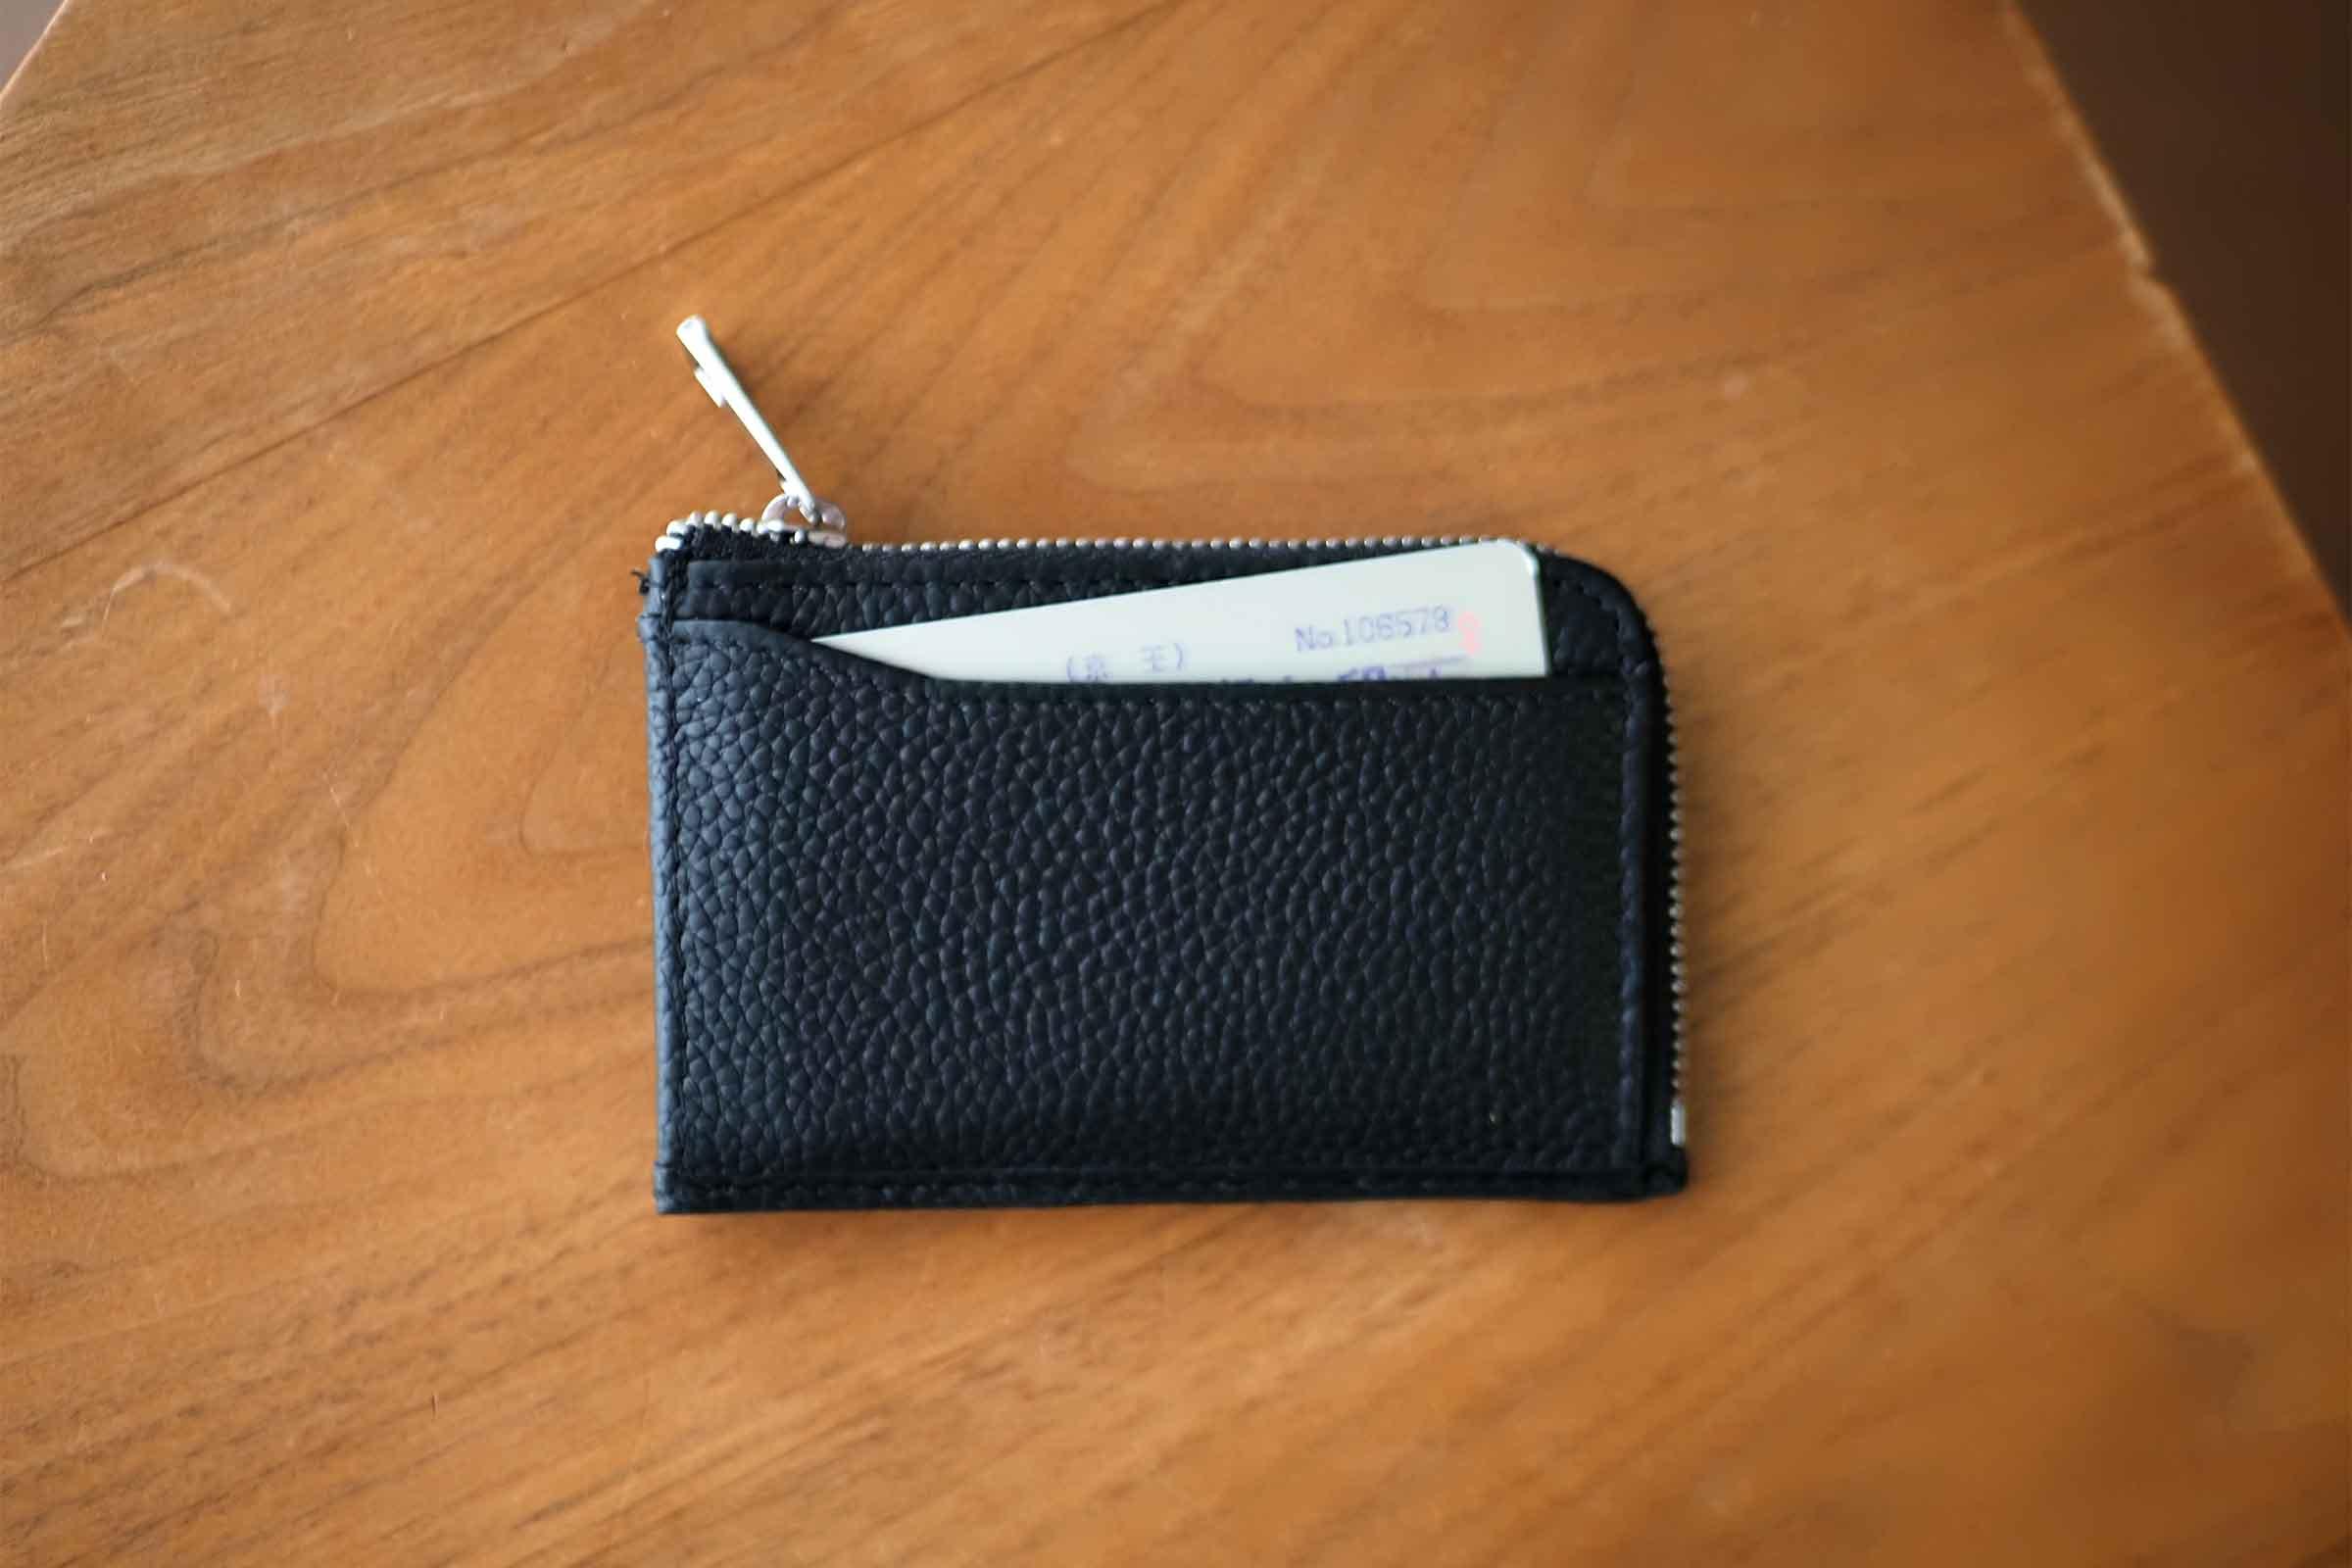 ミニ財布,リスキーモデル,risky,コンパクト,小さい,安い,コスパ,ICカード